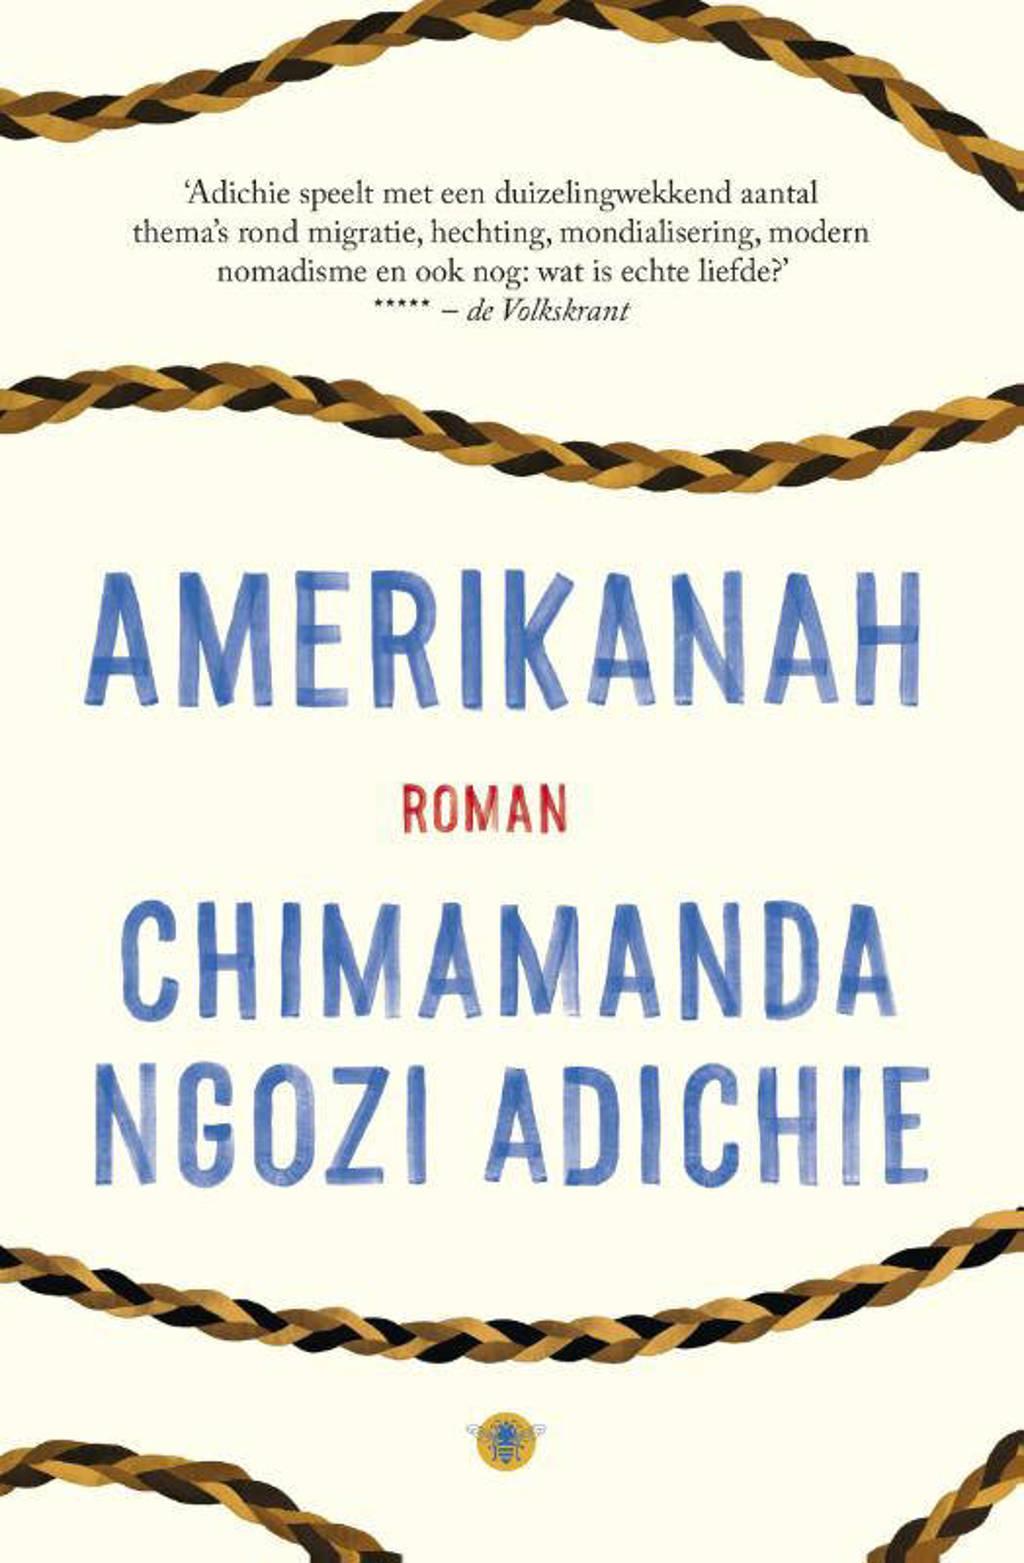 Amerikanah, Chimamanda Ngozi adichie - Dit boek past bij het boekenweekthema, omdat: Het is geschreven door oppervrouw Chimamanda Ngozi Adichie en vertelt het verhaal van verschillende vrouwen uit verschillende werelddelen. Dit is trouwens een van de mooiste boeken die die ik heb gelezen in 2018. Het is tevens ook een van de meest verslavende boeken.Korte samenvatting van het boek: Ifemelu en Obinze zijn hevig verliefd op elkaar. Hun geluk wordt wreed verstoord wanneer zij hun land Nigeria wegens de militaire dictatuur moeten verlaten. De mooie, zelfverzekerde Ifemelu gaat in Amerika studeren, waar ze te maken krijgt met tegenslag en vernederingen. Obinze gaat naar London, maar krijgt daar te maken met illegaliteit.